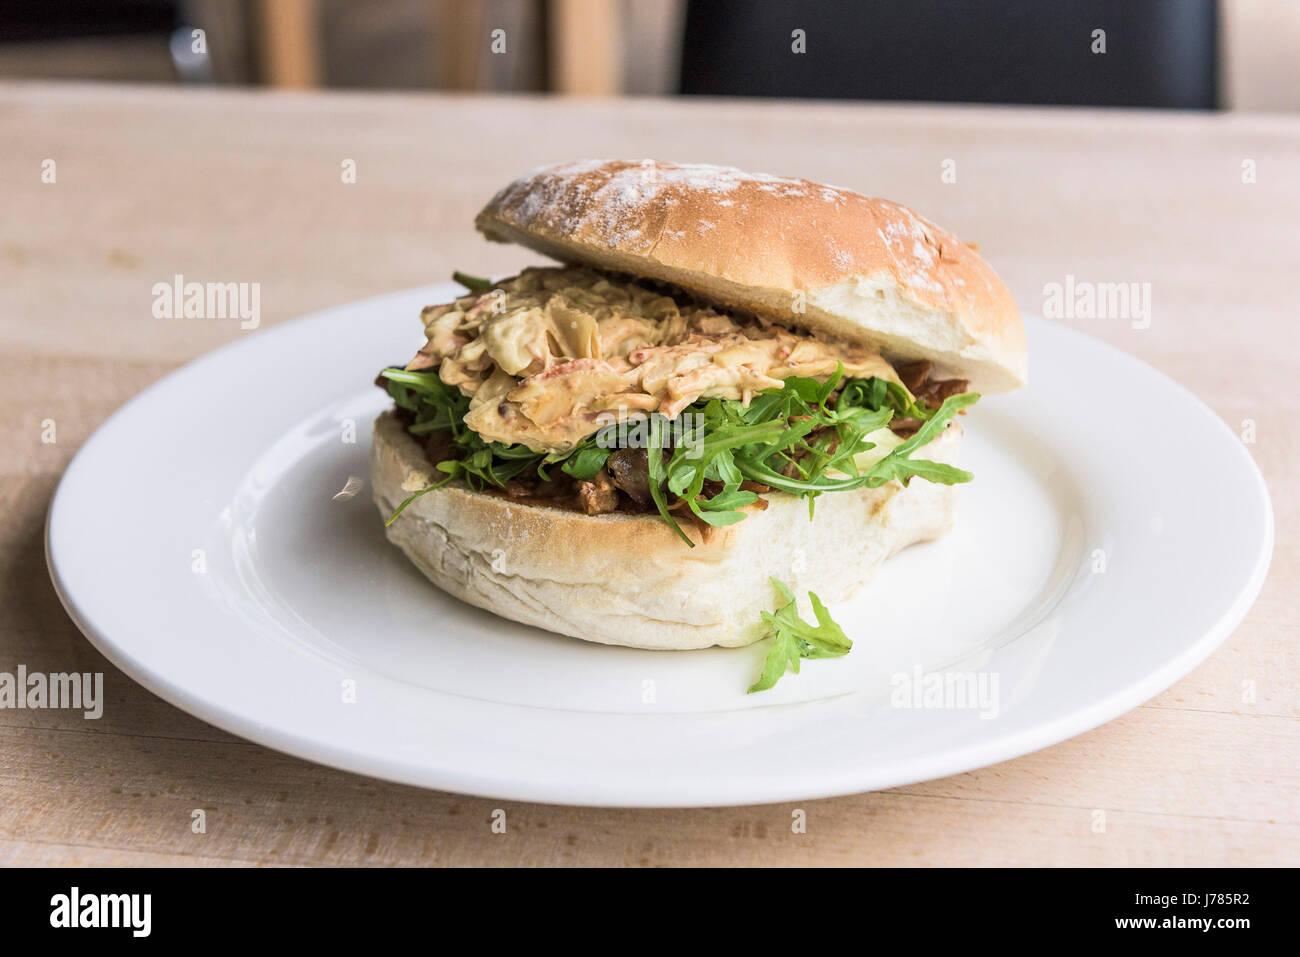 Schweinefleisch in einer Rolle gezogen; Essen; Restaurant; Mahlzeit; Appetitliche; Appetitlich; Platte Stockbild